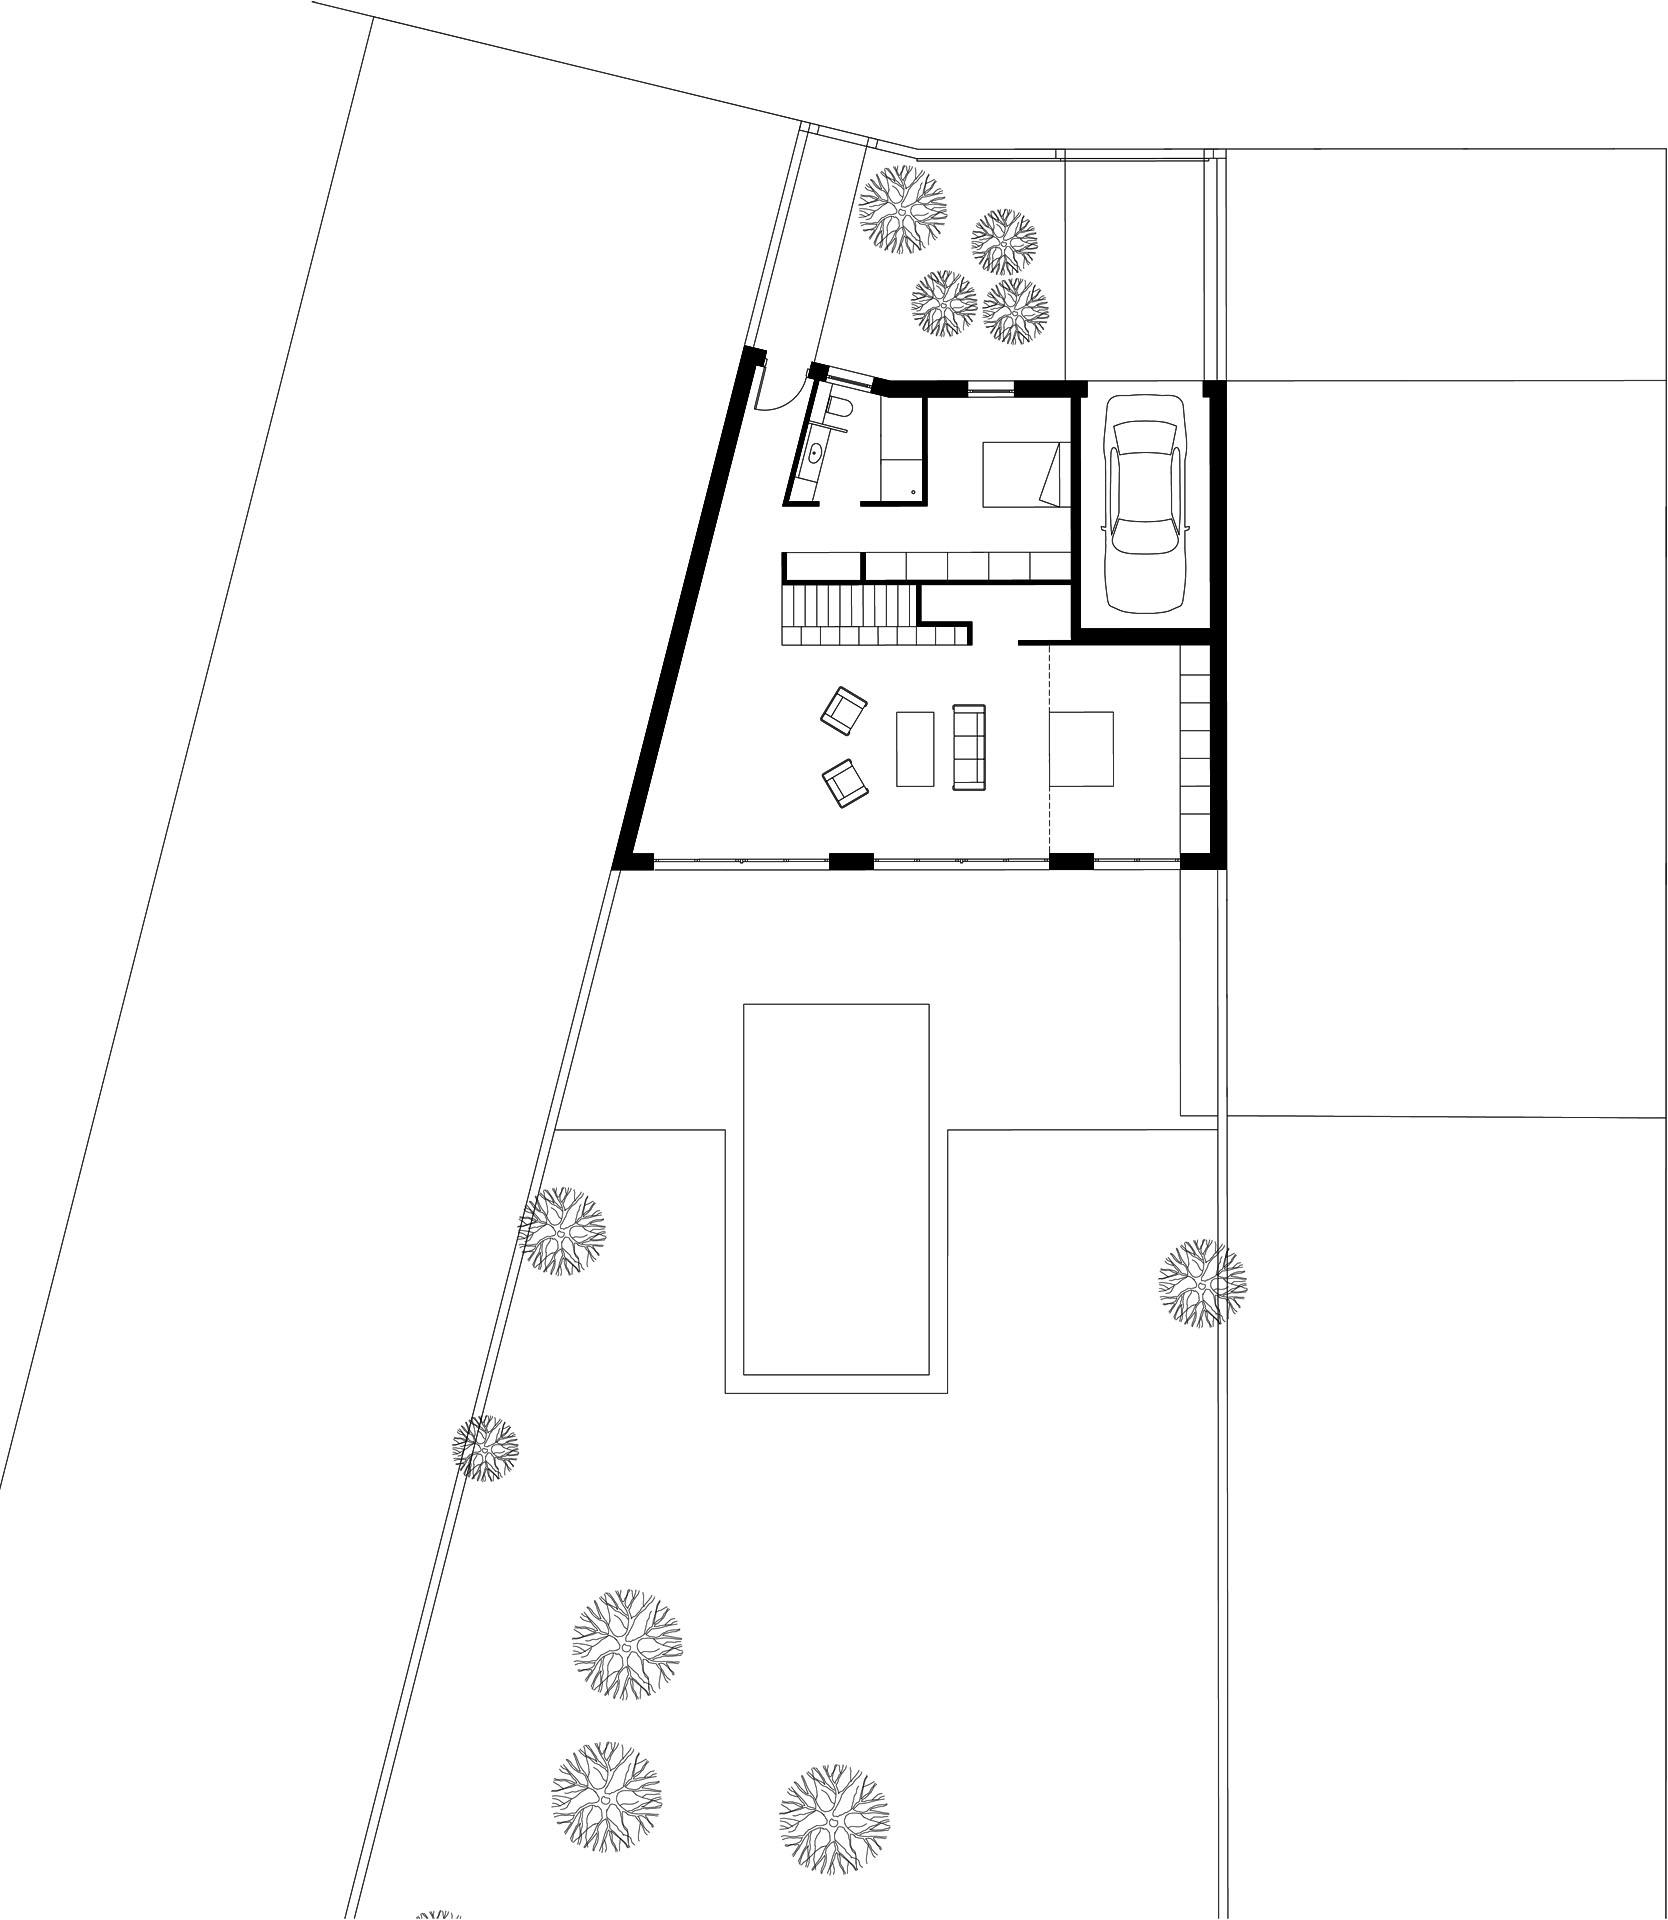 Plan rez-de-chaussée maison atypique à Talence